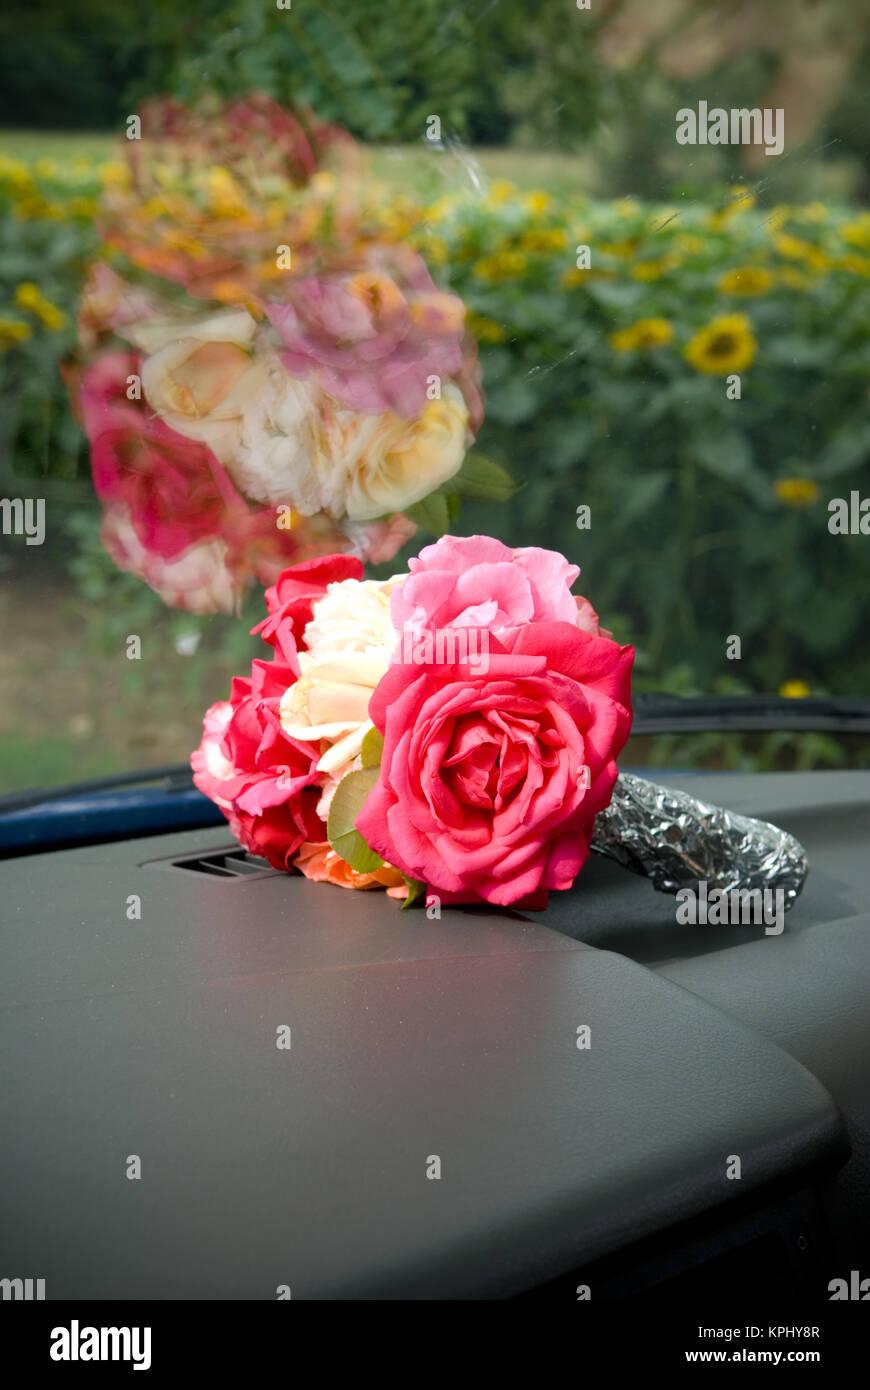 Foto von einem kleinen Blumenstrauß aus Rosen in Alufolie auf dem Armaturenbrett des Autos mit einem sonnenblumenfeld Stockbild